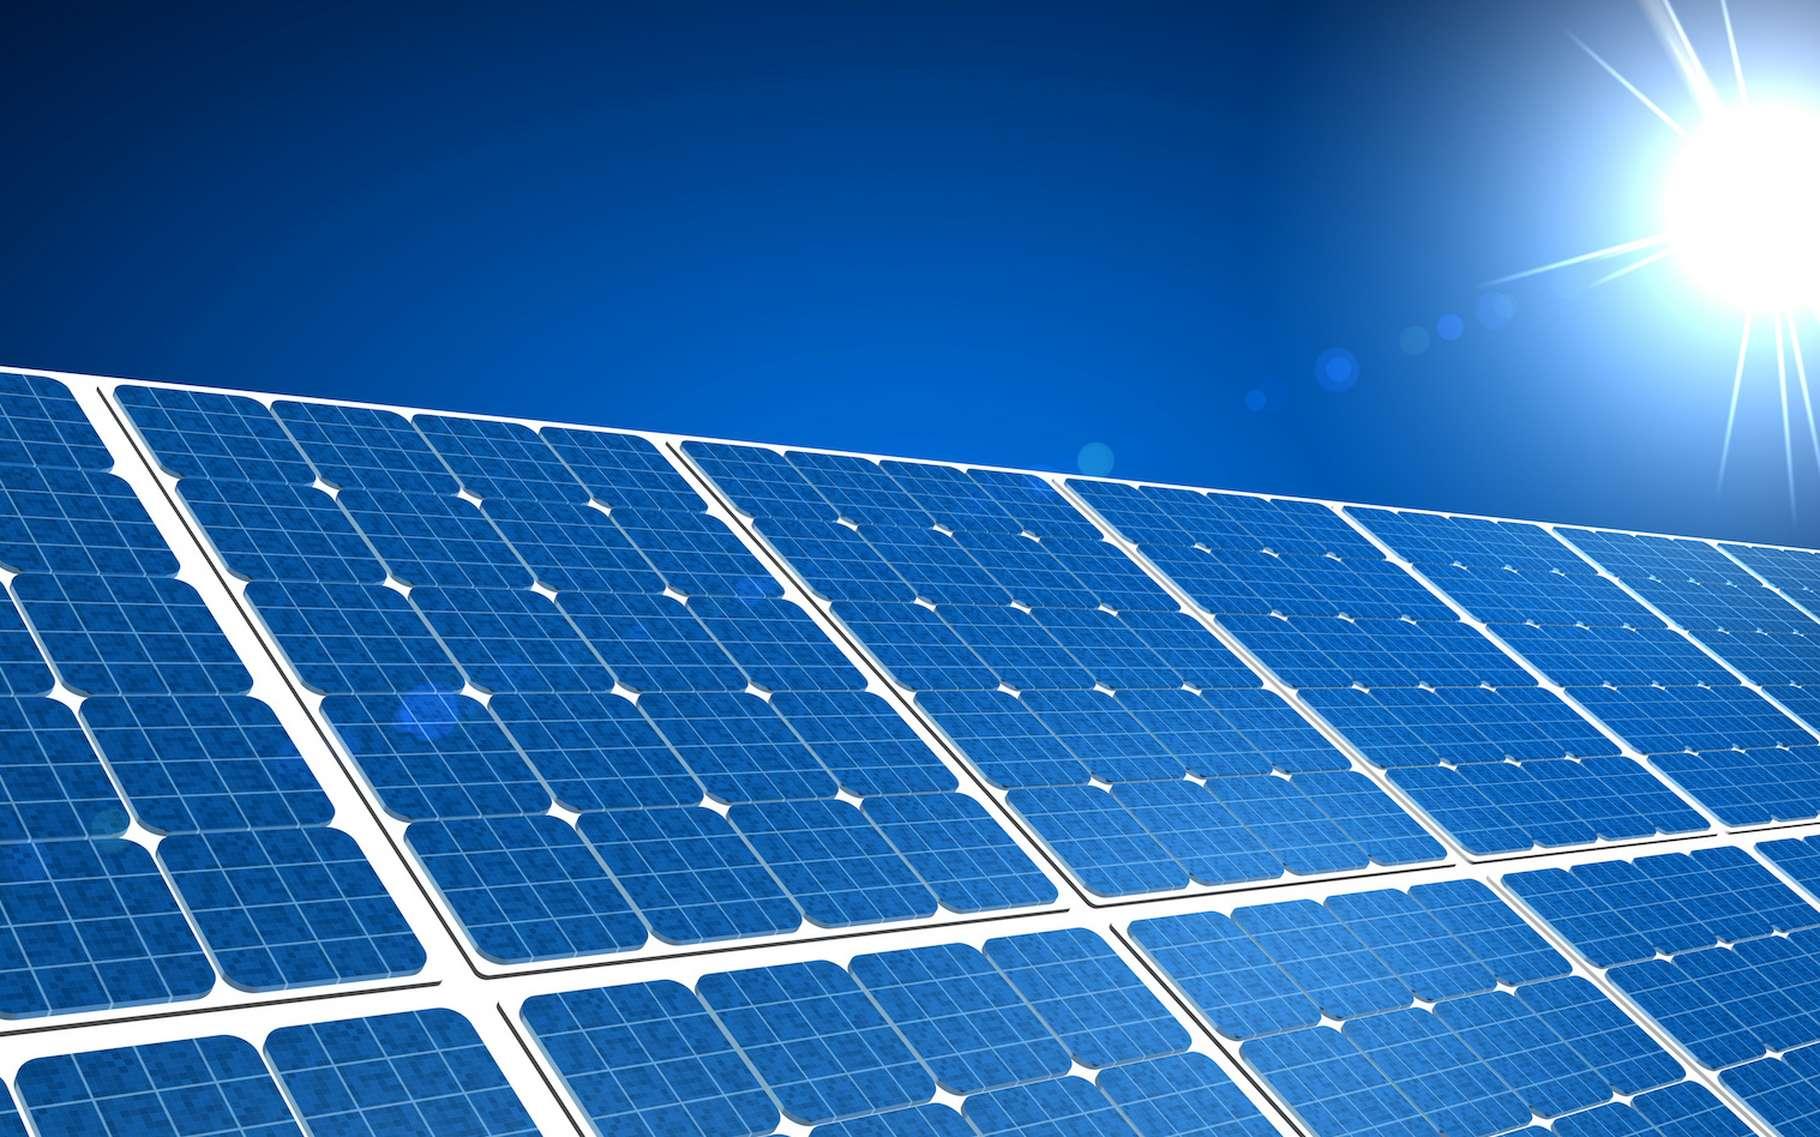 Le choix entre un kit panneau solaire autonome et un kit panneau solaire en autoconsommation doit être guidé par votre besoin. © vegefox.com, Adobe Stock